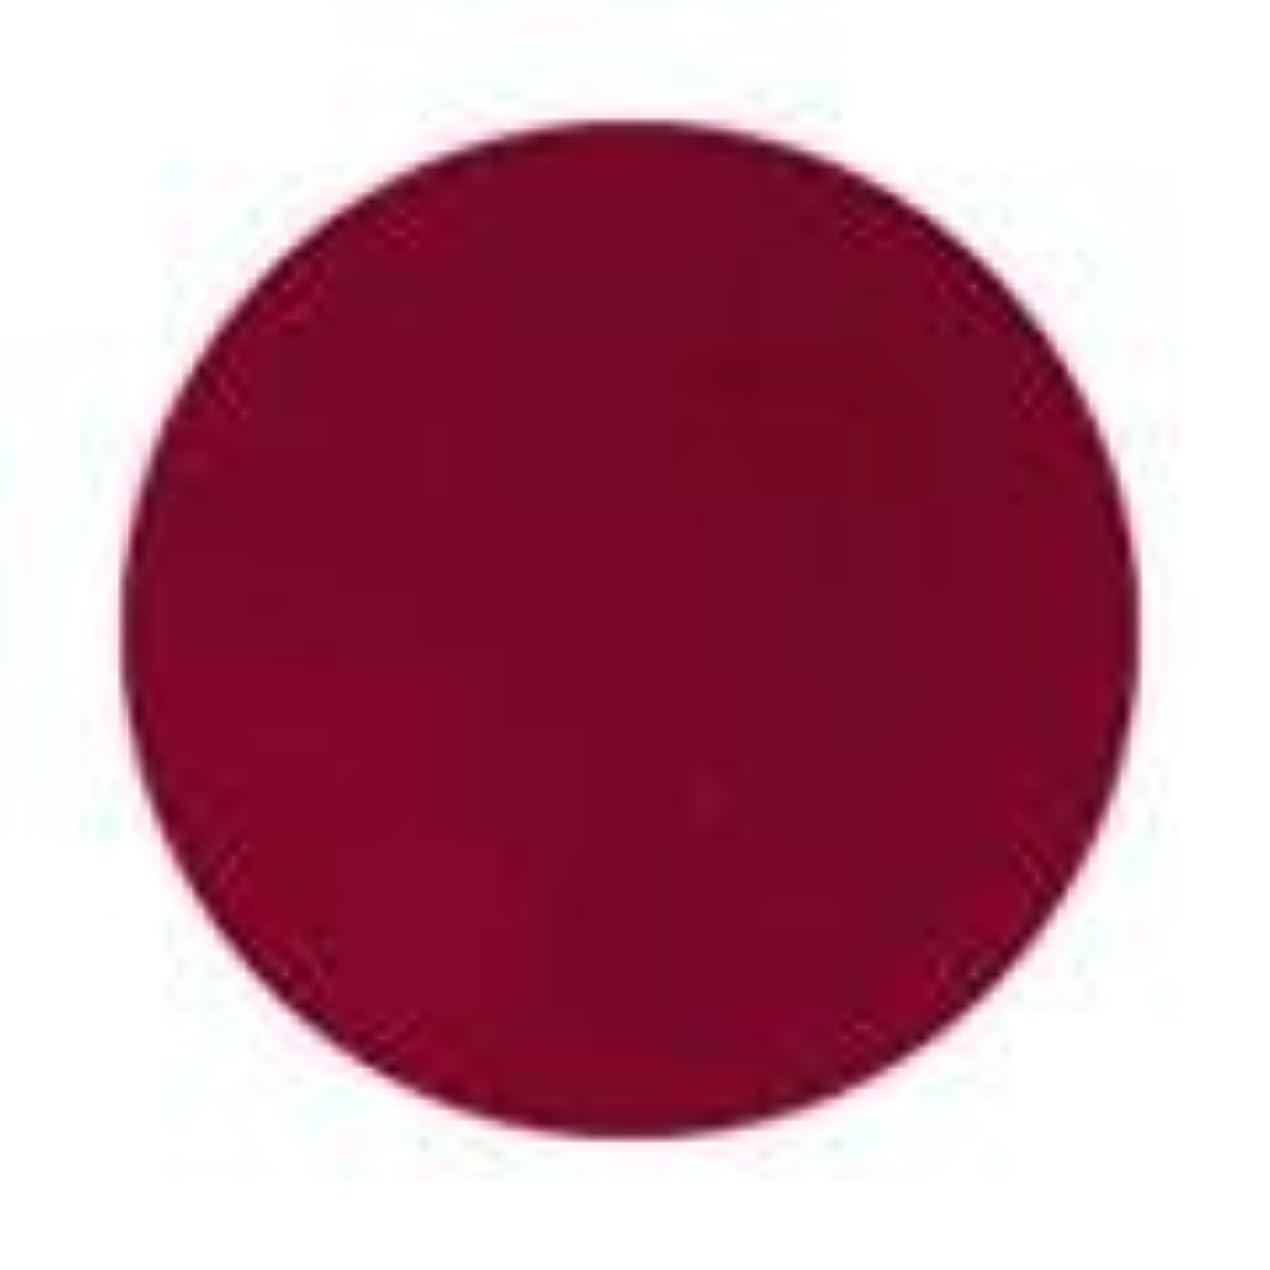 保護モジュール論争の的Jessica ジェレレーション カラー 15ml  222 ウインターベリー